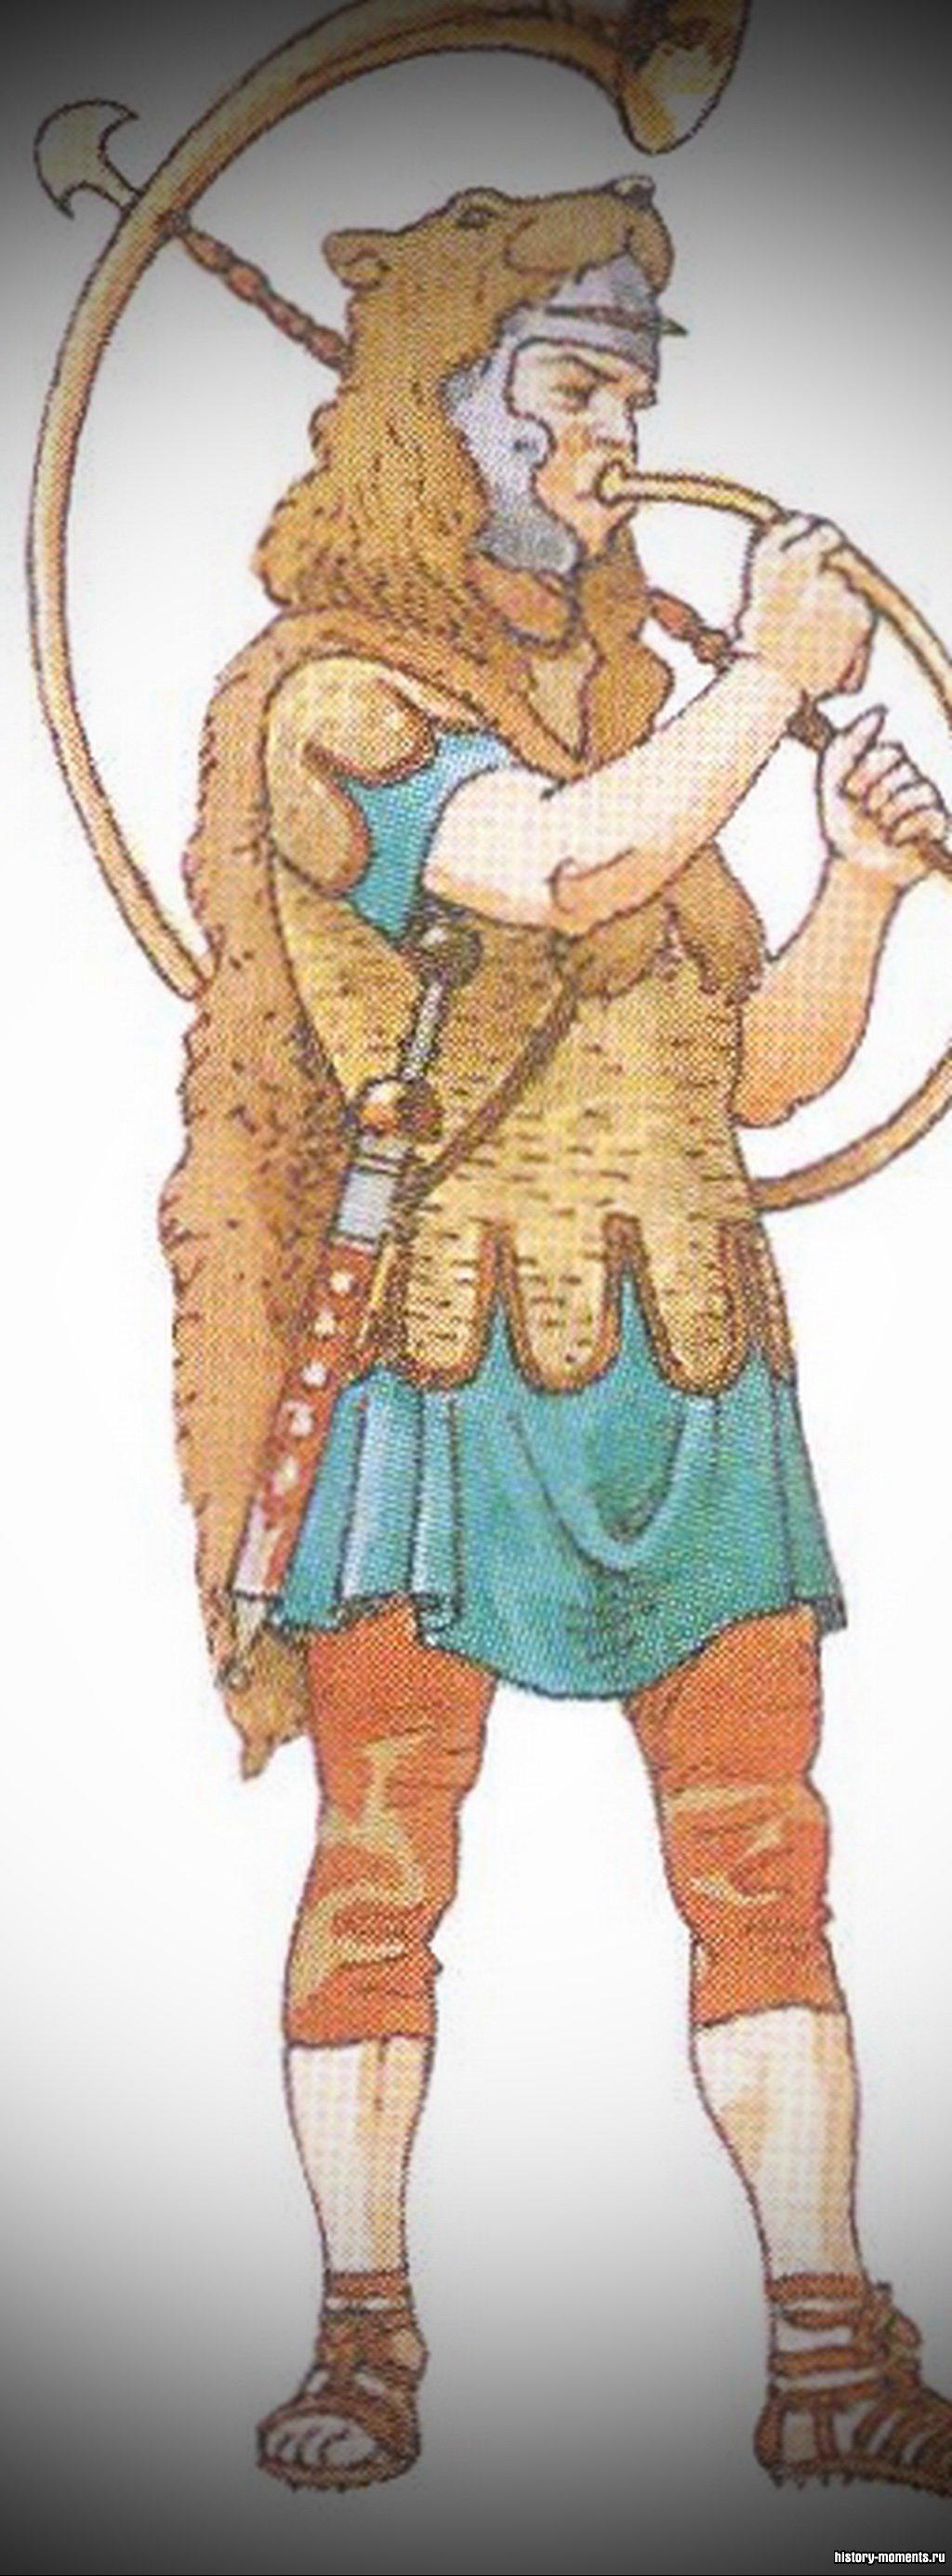 Корницен - горнист, трубя в рог, он подавал сигналы во время битвы.